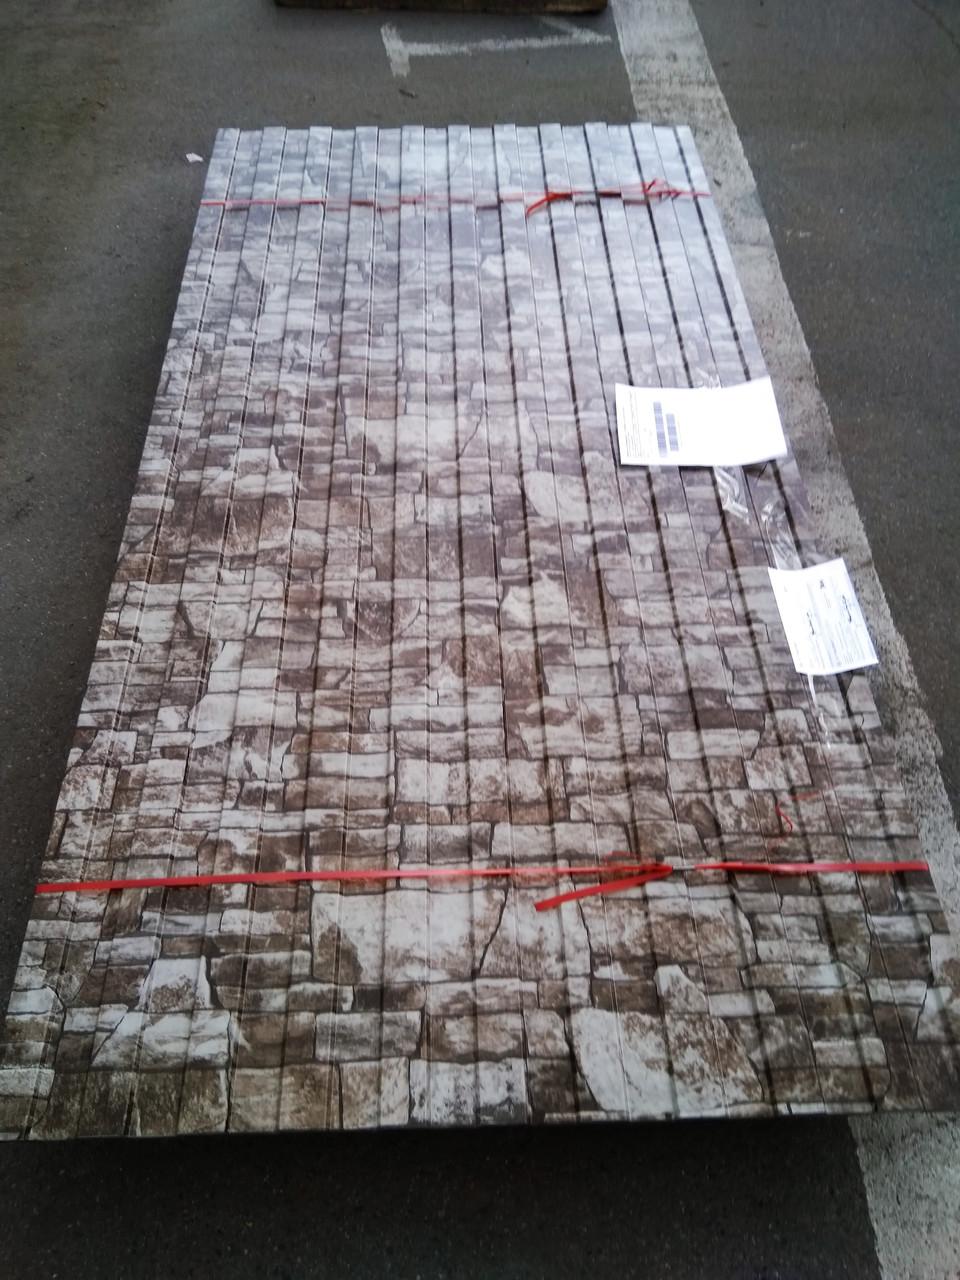 """Профнастил """"Рваный камень"""" 0,45 мм толщина С8, НС20, НС21, НС35, НС44 от 100 п.м цена 5135 тг/п.м."""